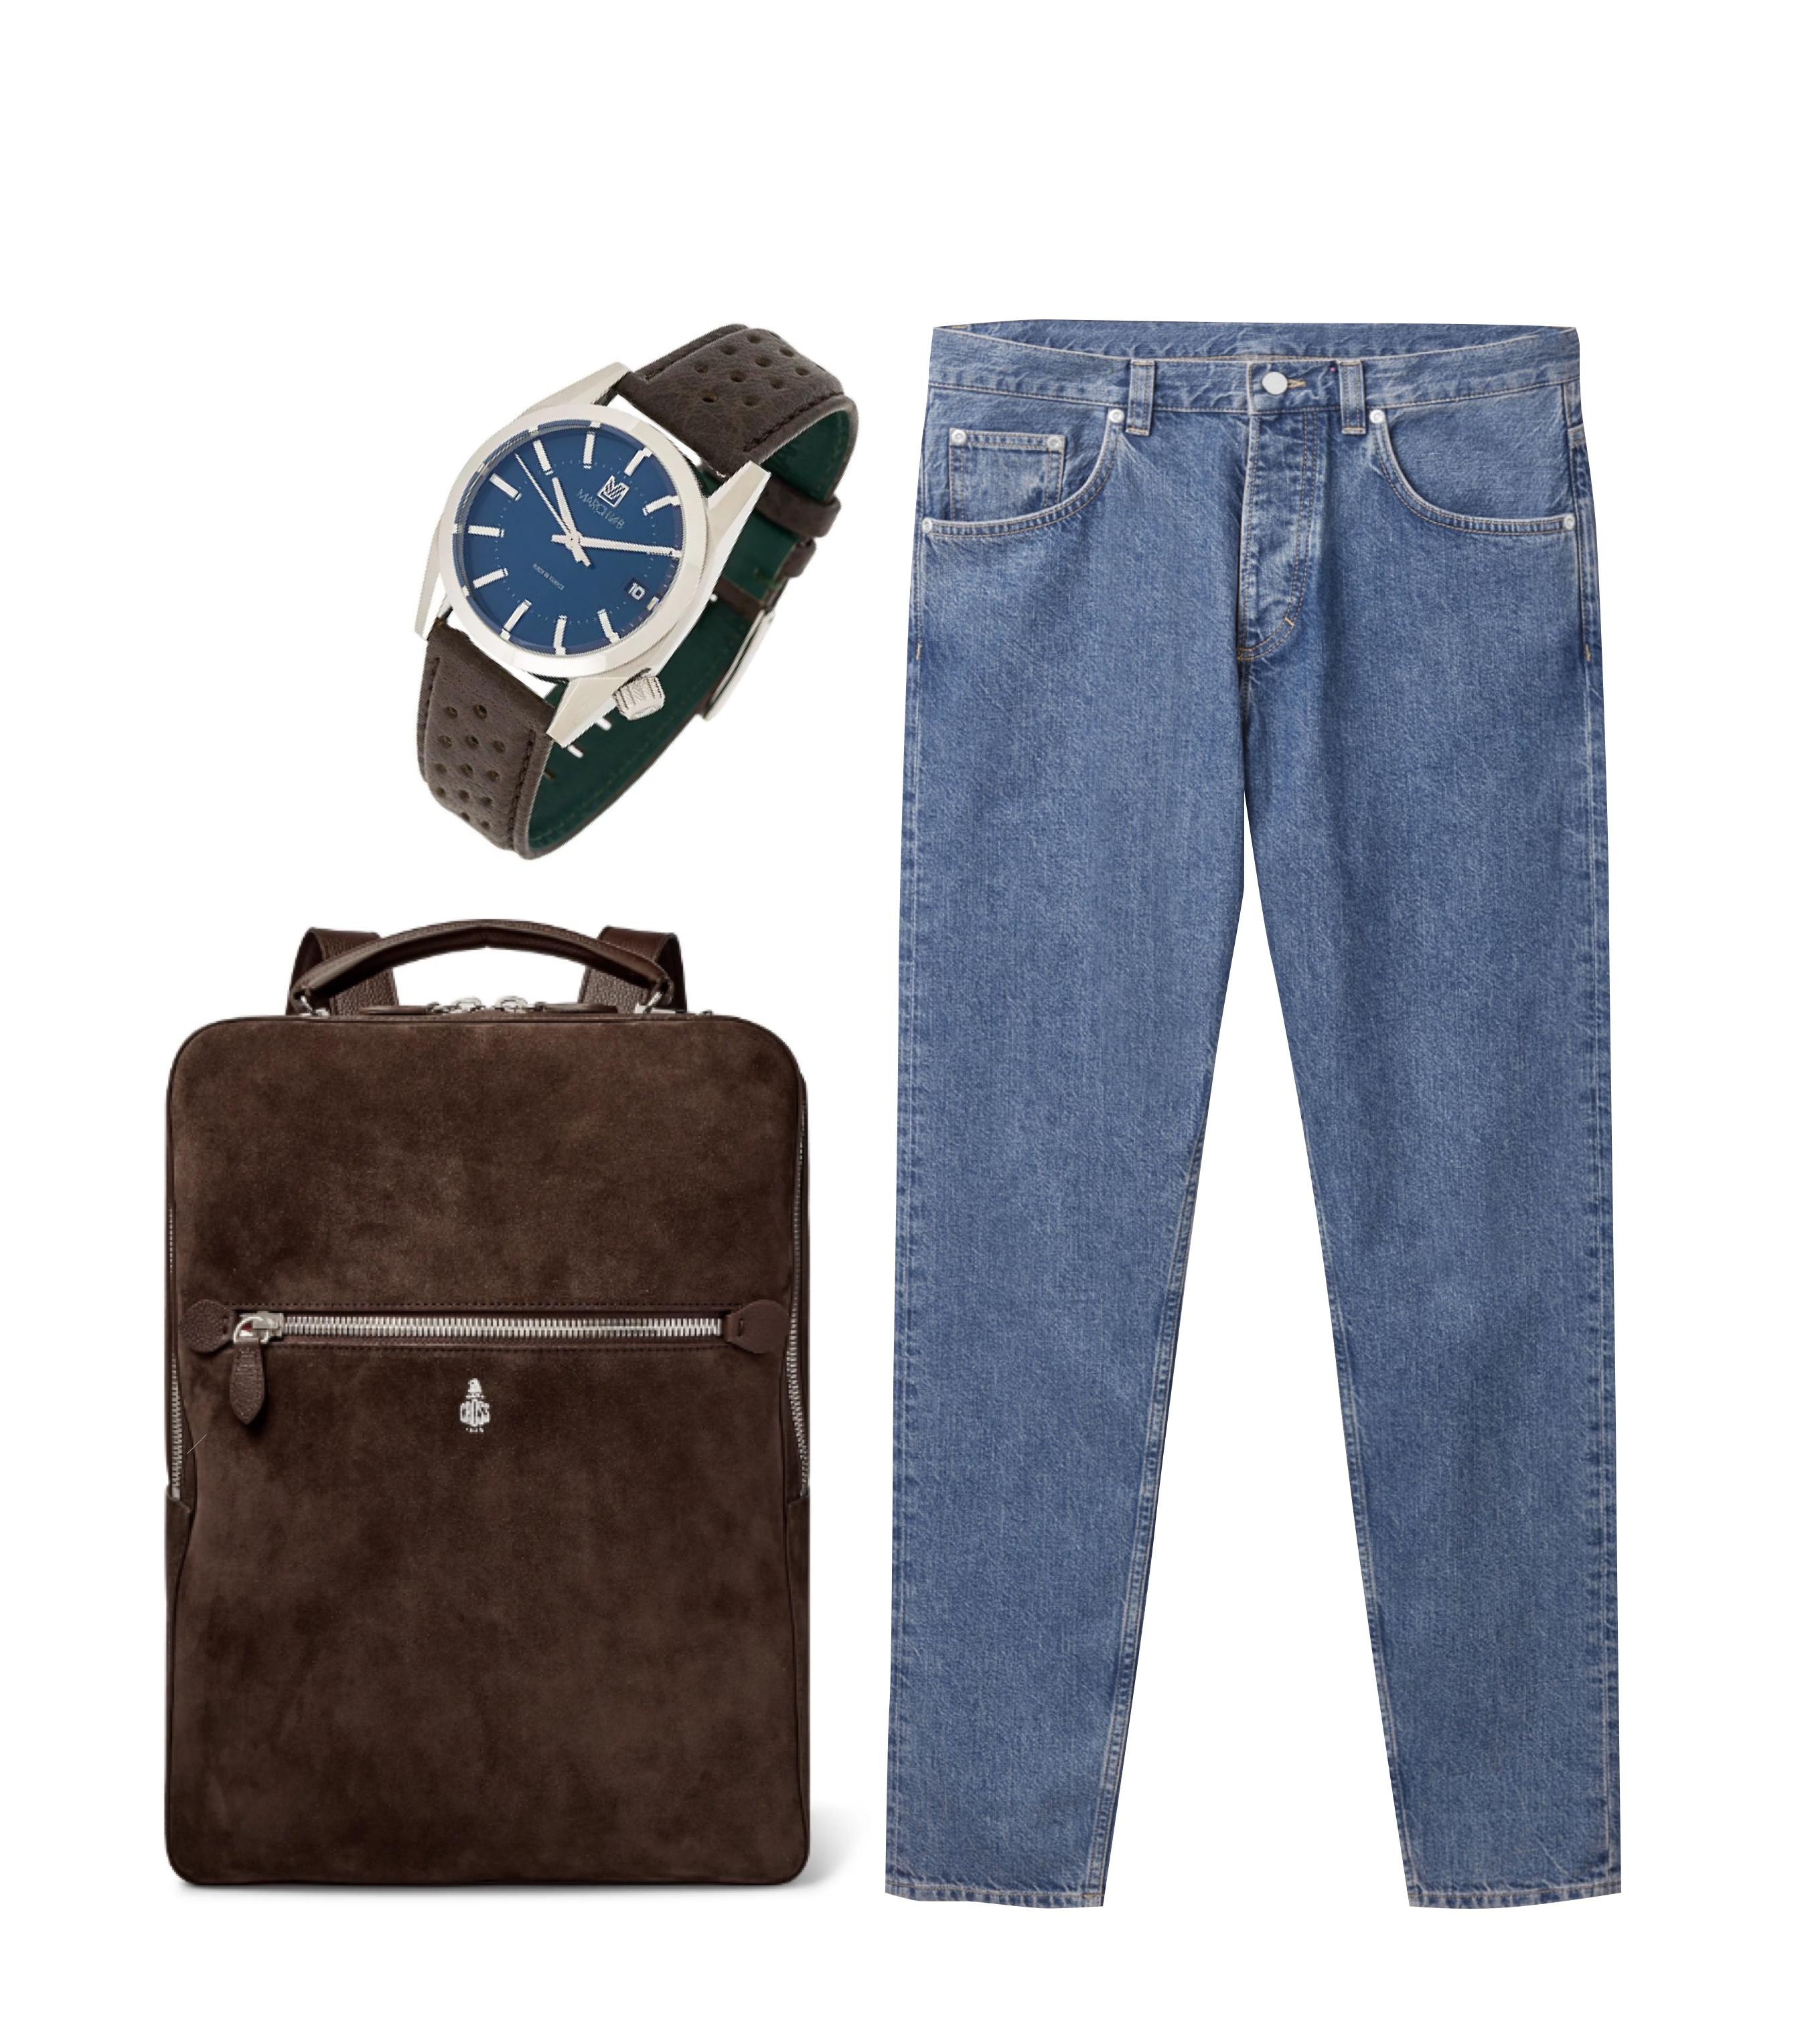 Джинсы COS, €69; часы March La.b., 34737 рублей; рюкзак Mark Cross, €1614